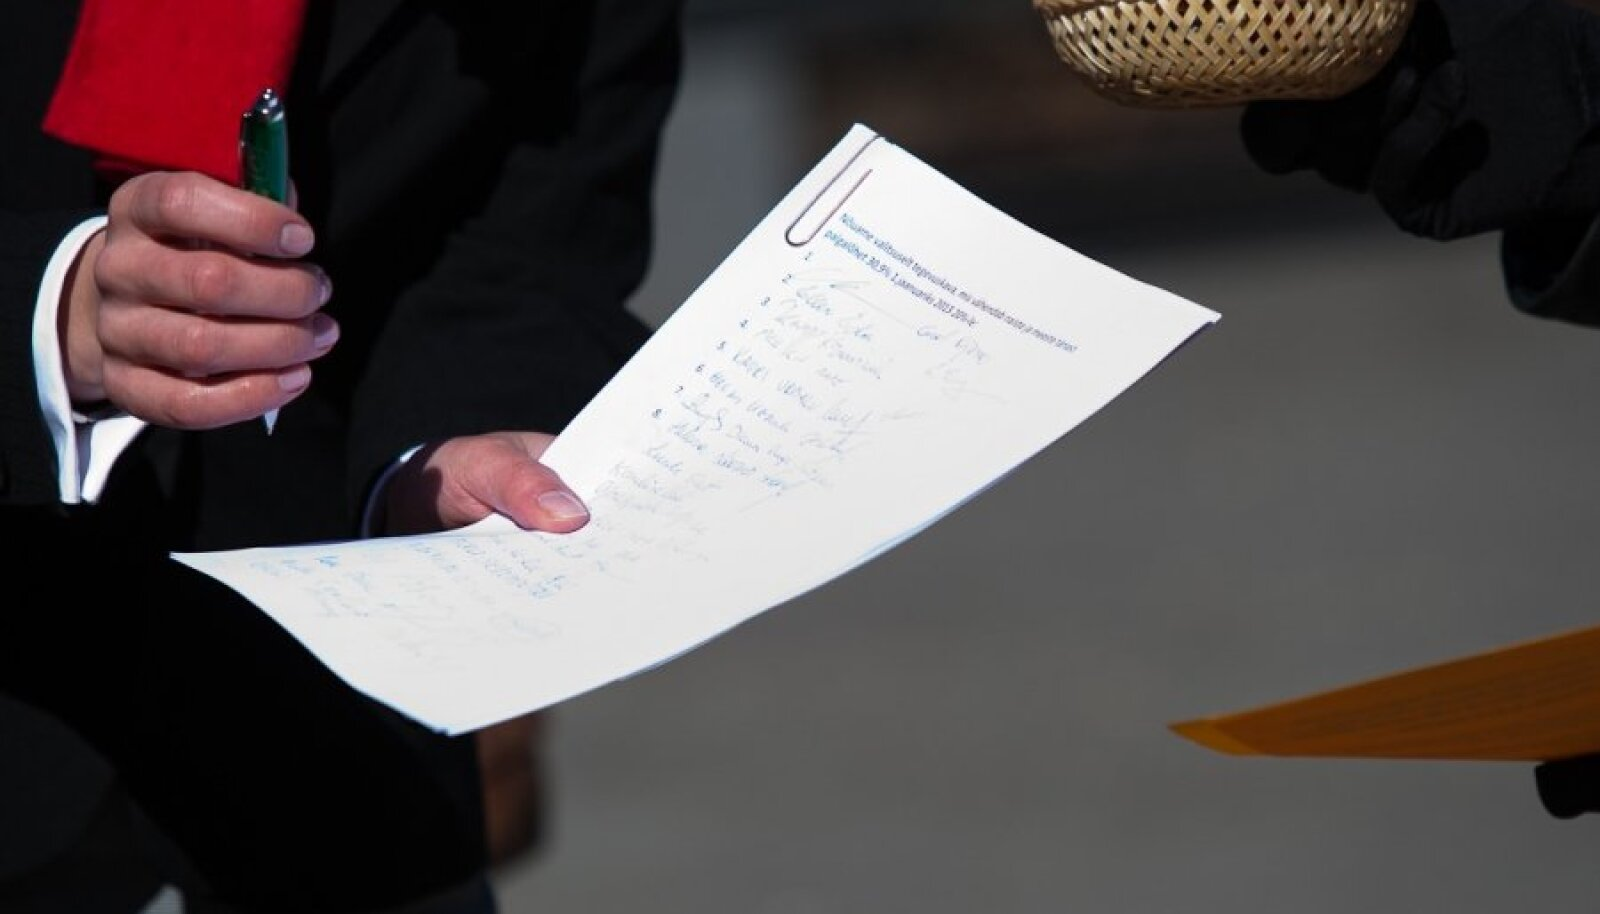 Raha küsijad paluvad anda heausklikel kodanikel allkiri ja kirjutada dokumendi juurde annetatud summa